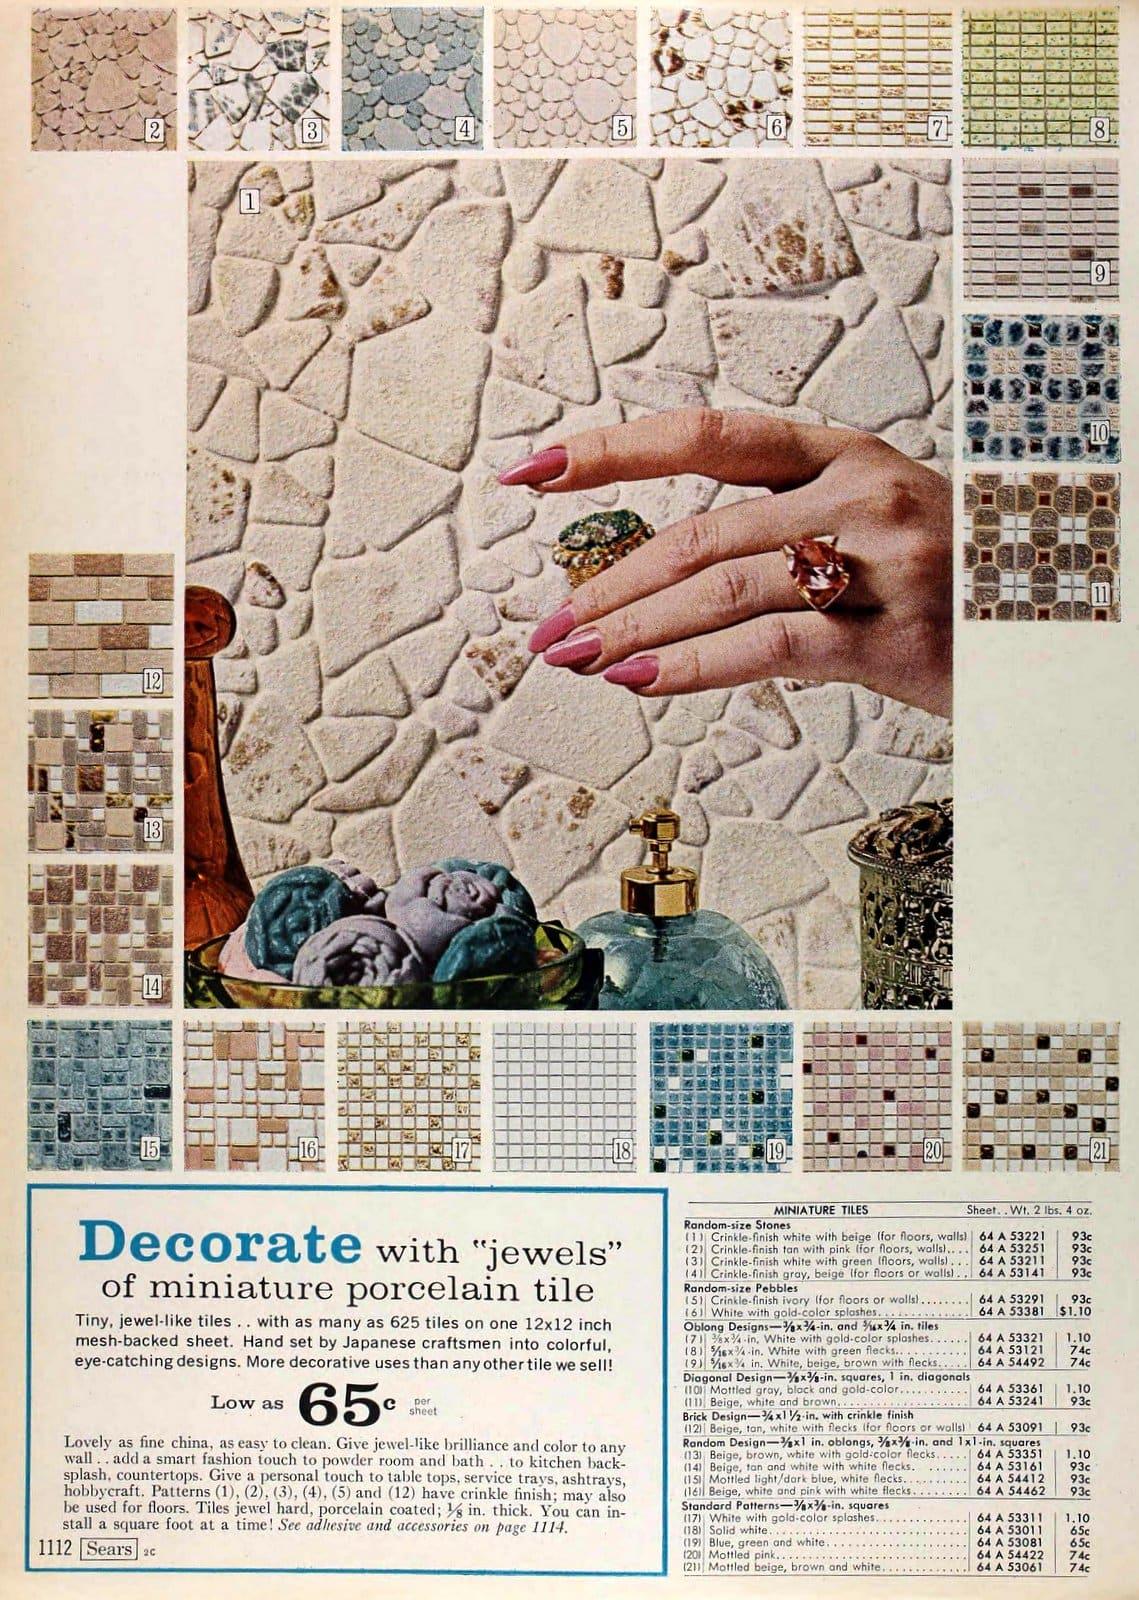 Vintage 1960s miniature porcelain tile styles (1967)